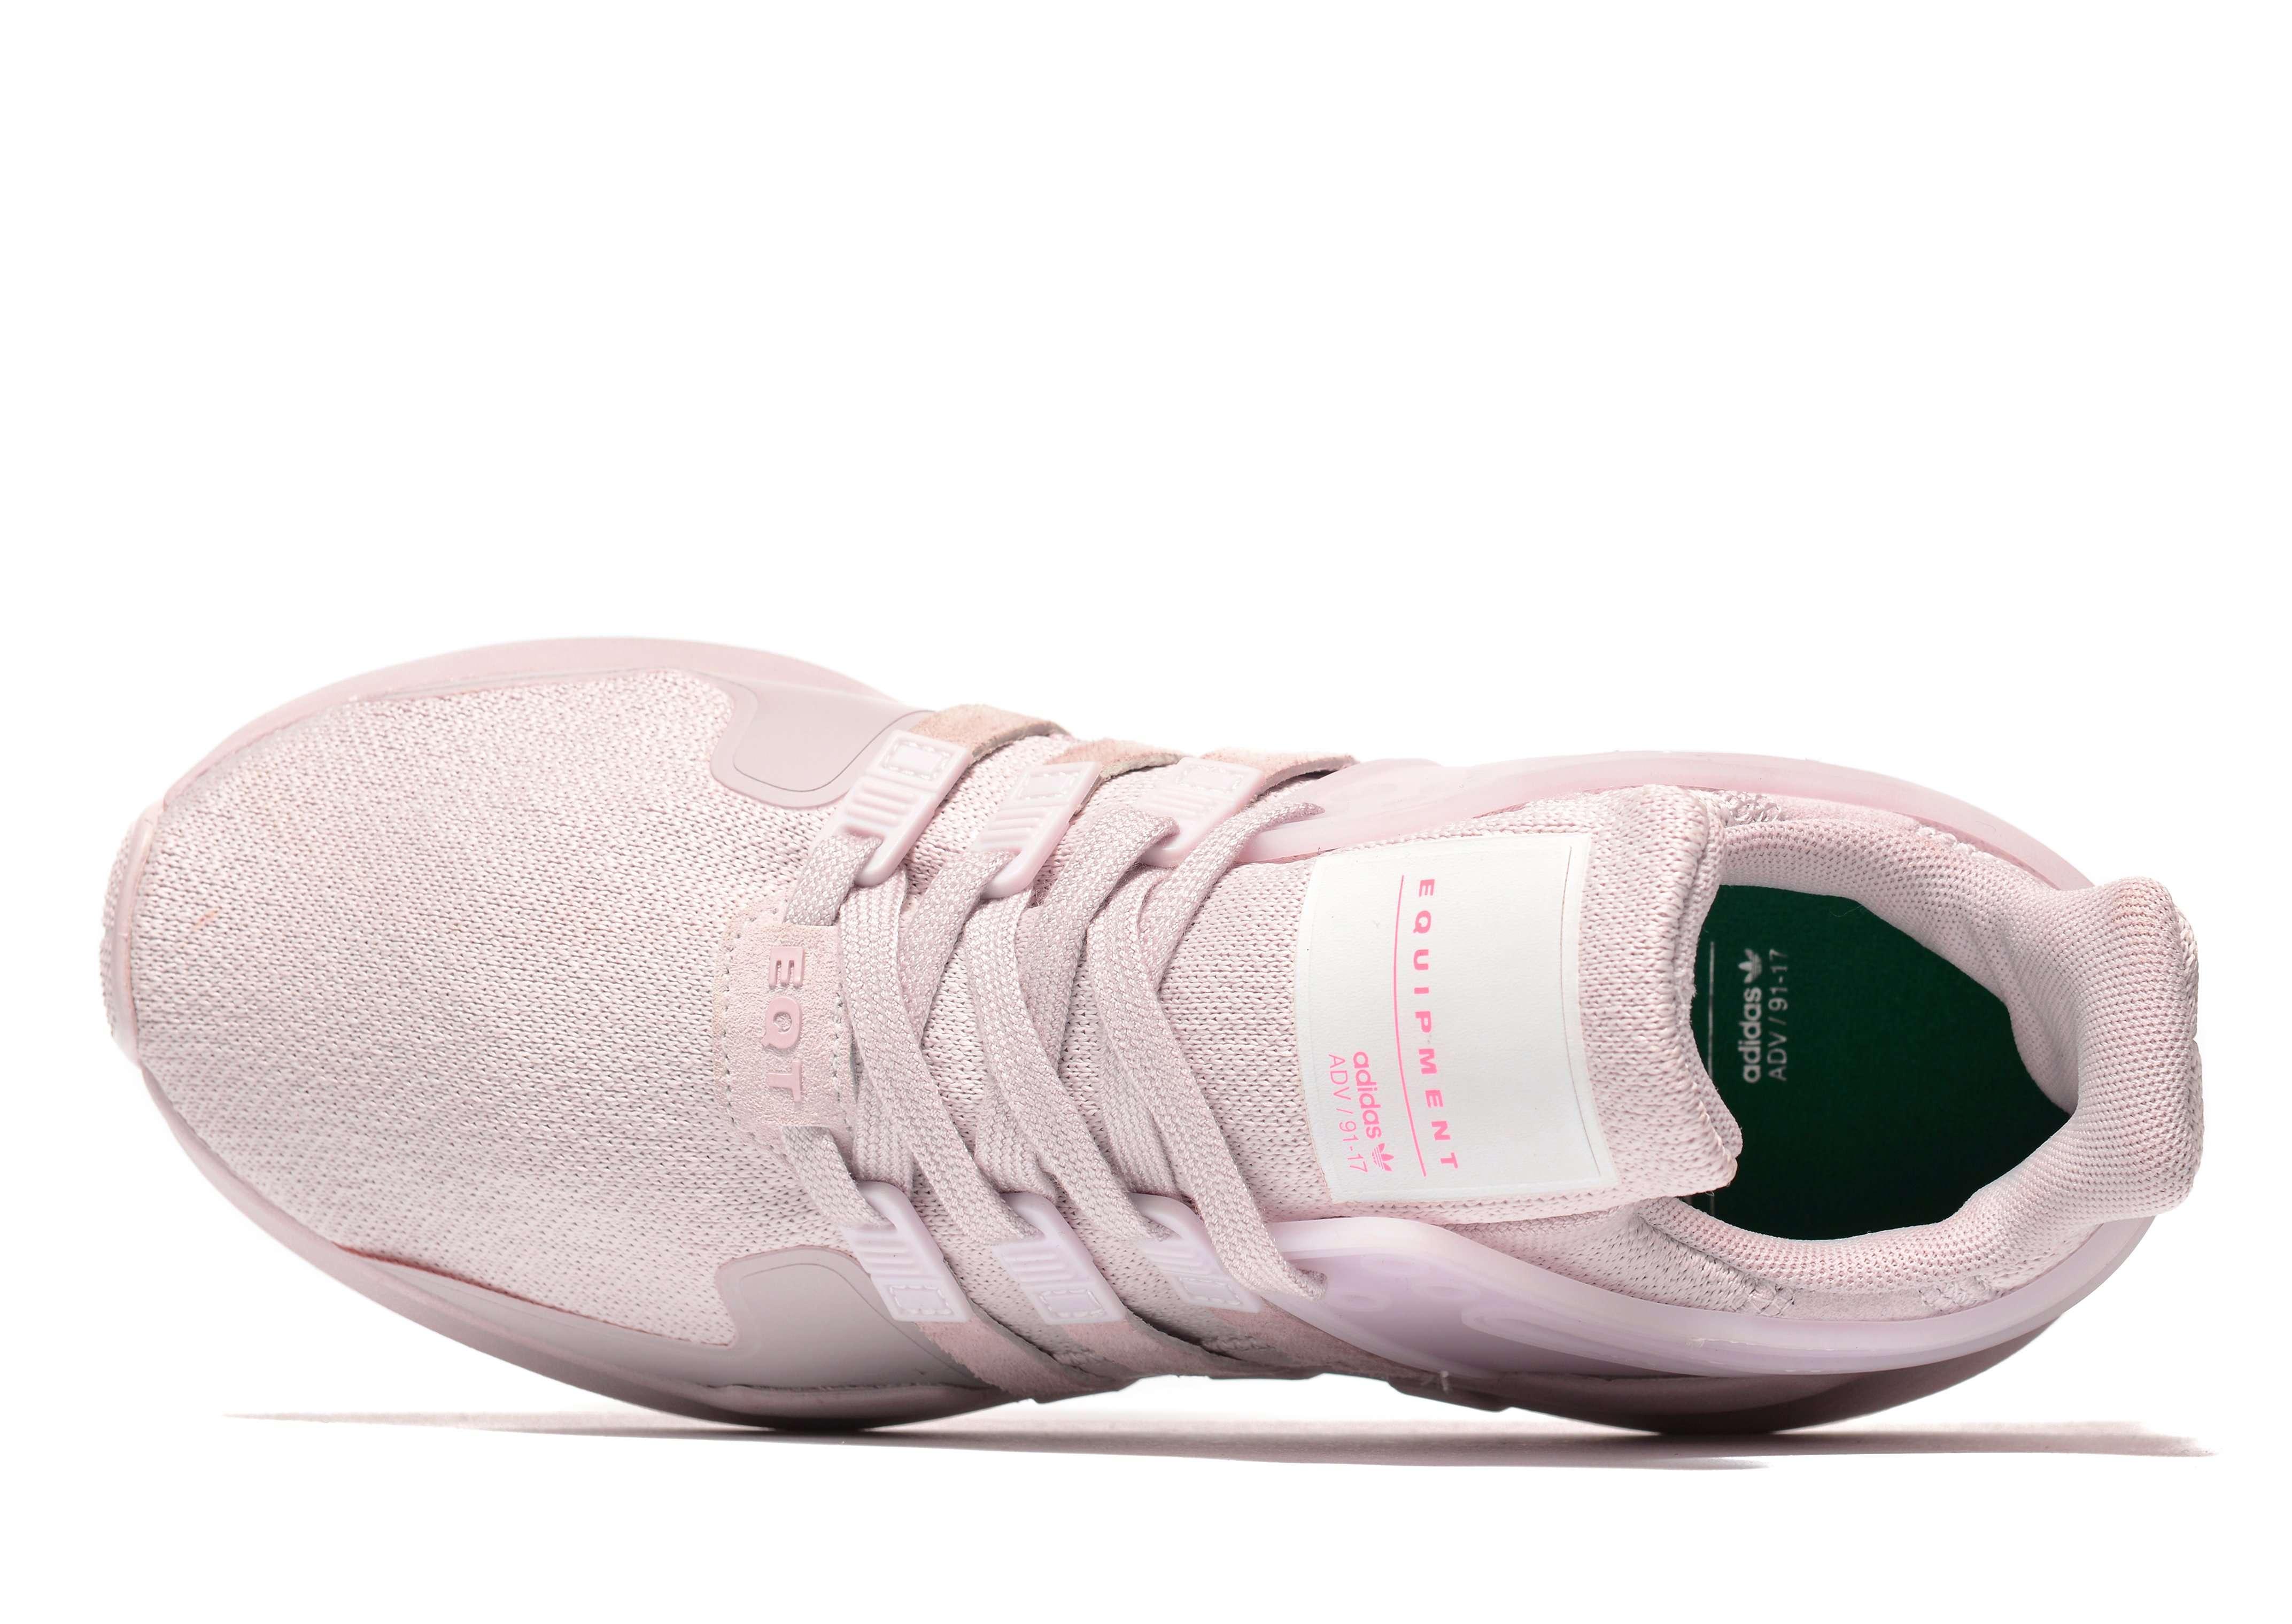 adidas Originals EQT Support ADV Femme